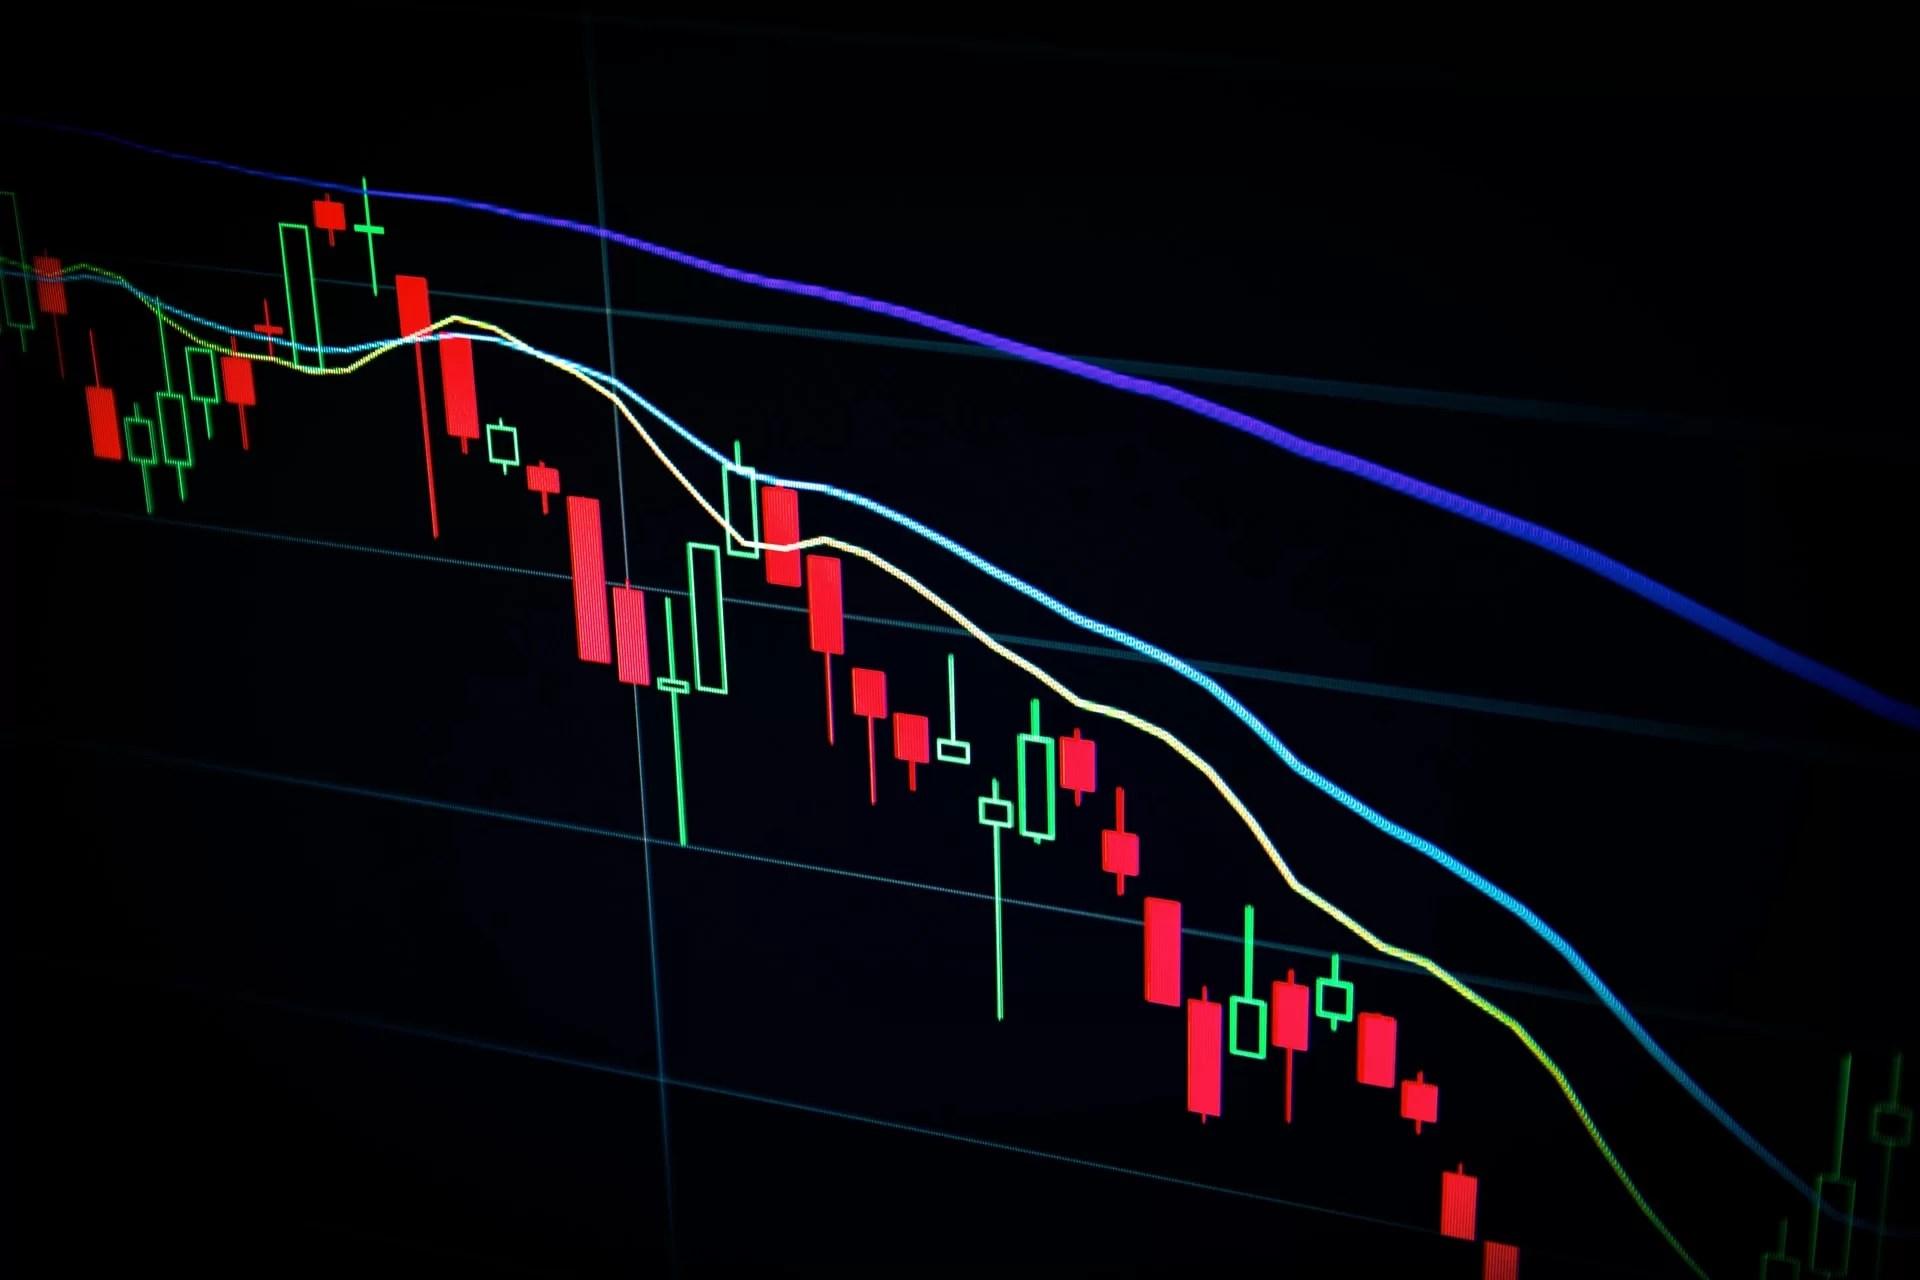 Indicatori care ne semnalează fluctuații ale monedei Bitcoin